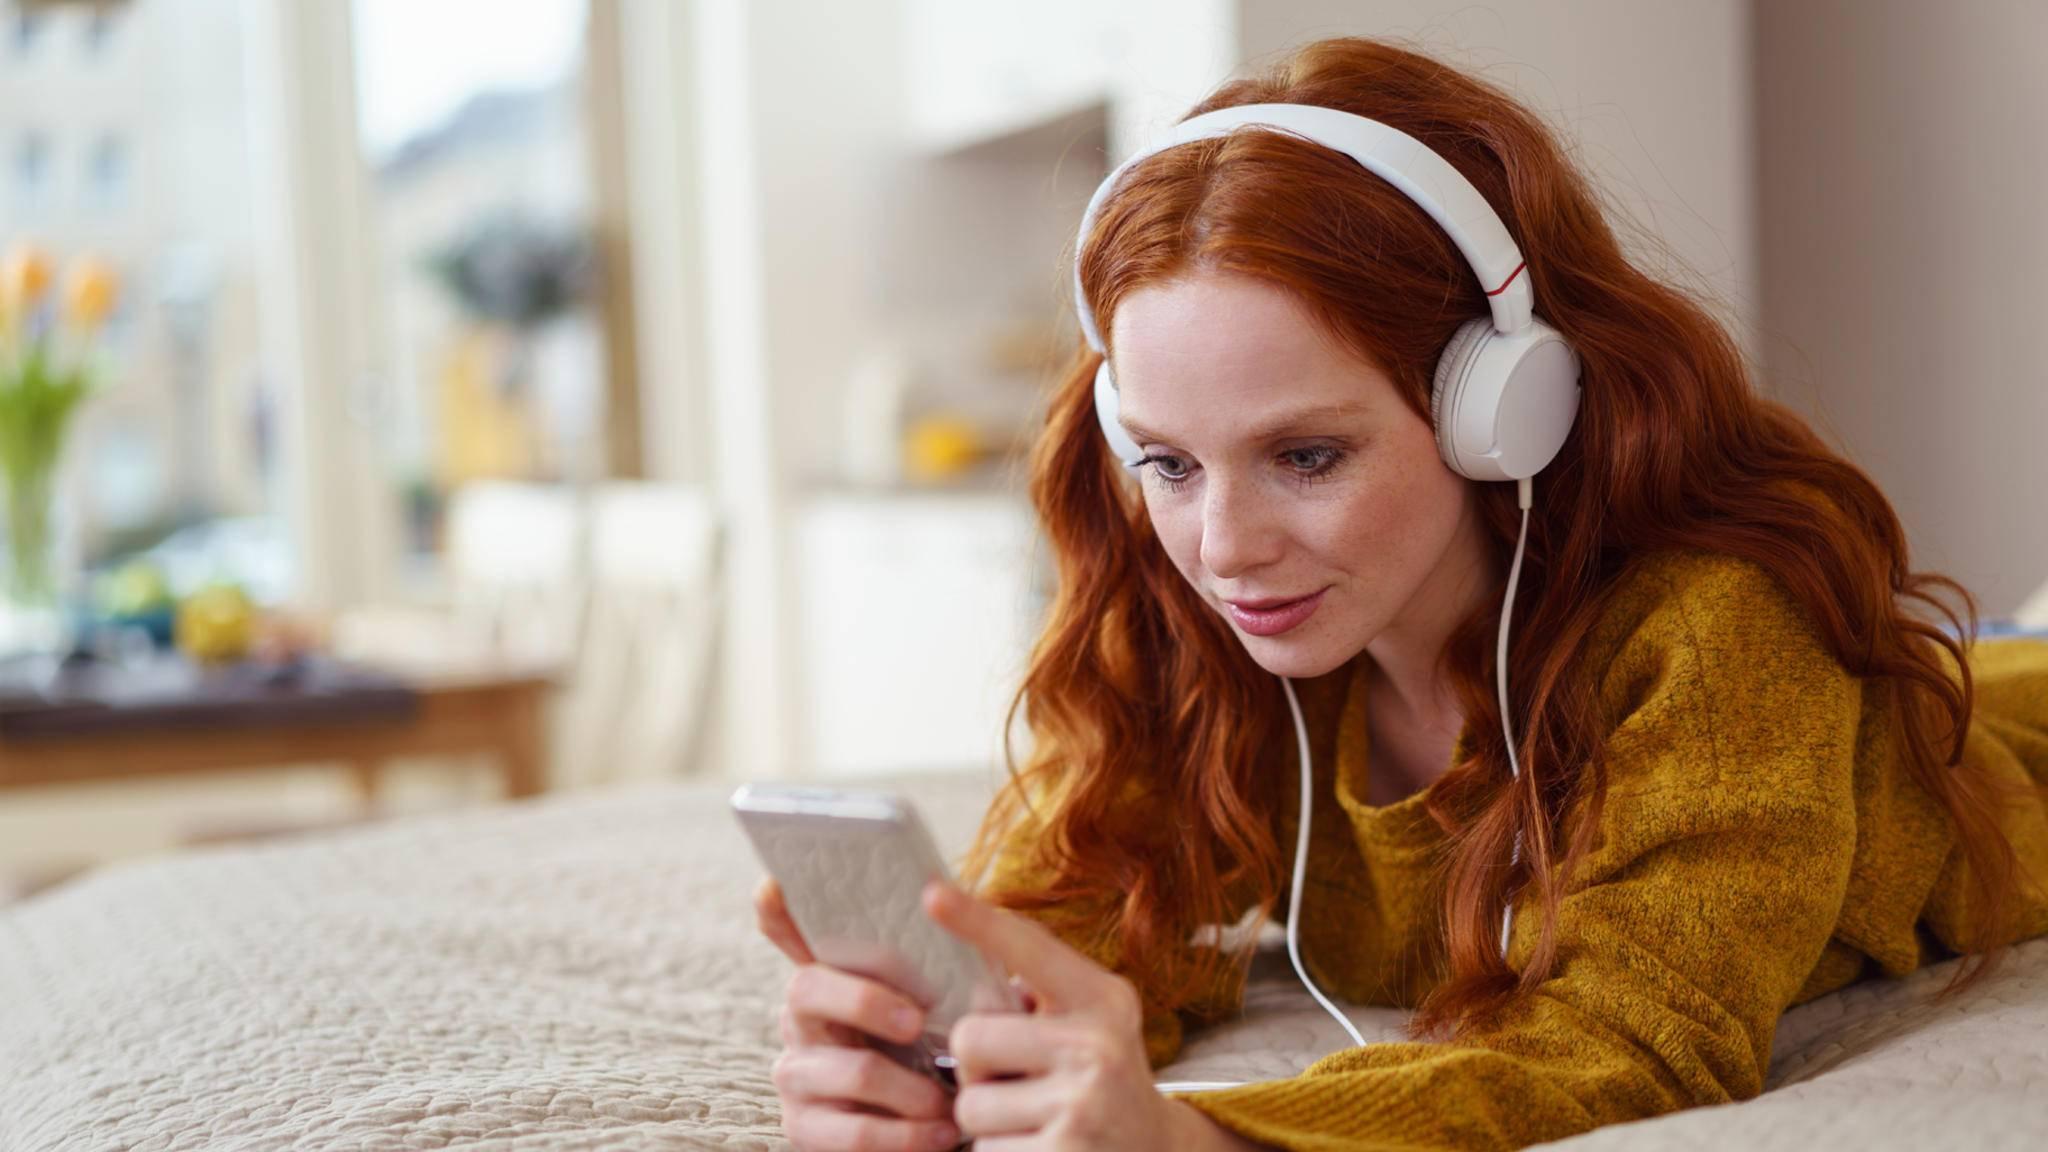 frau smartphone bett musik kopfhörer